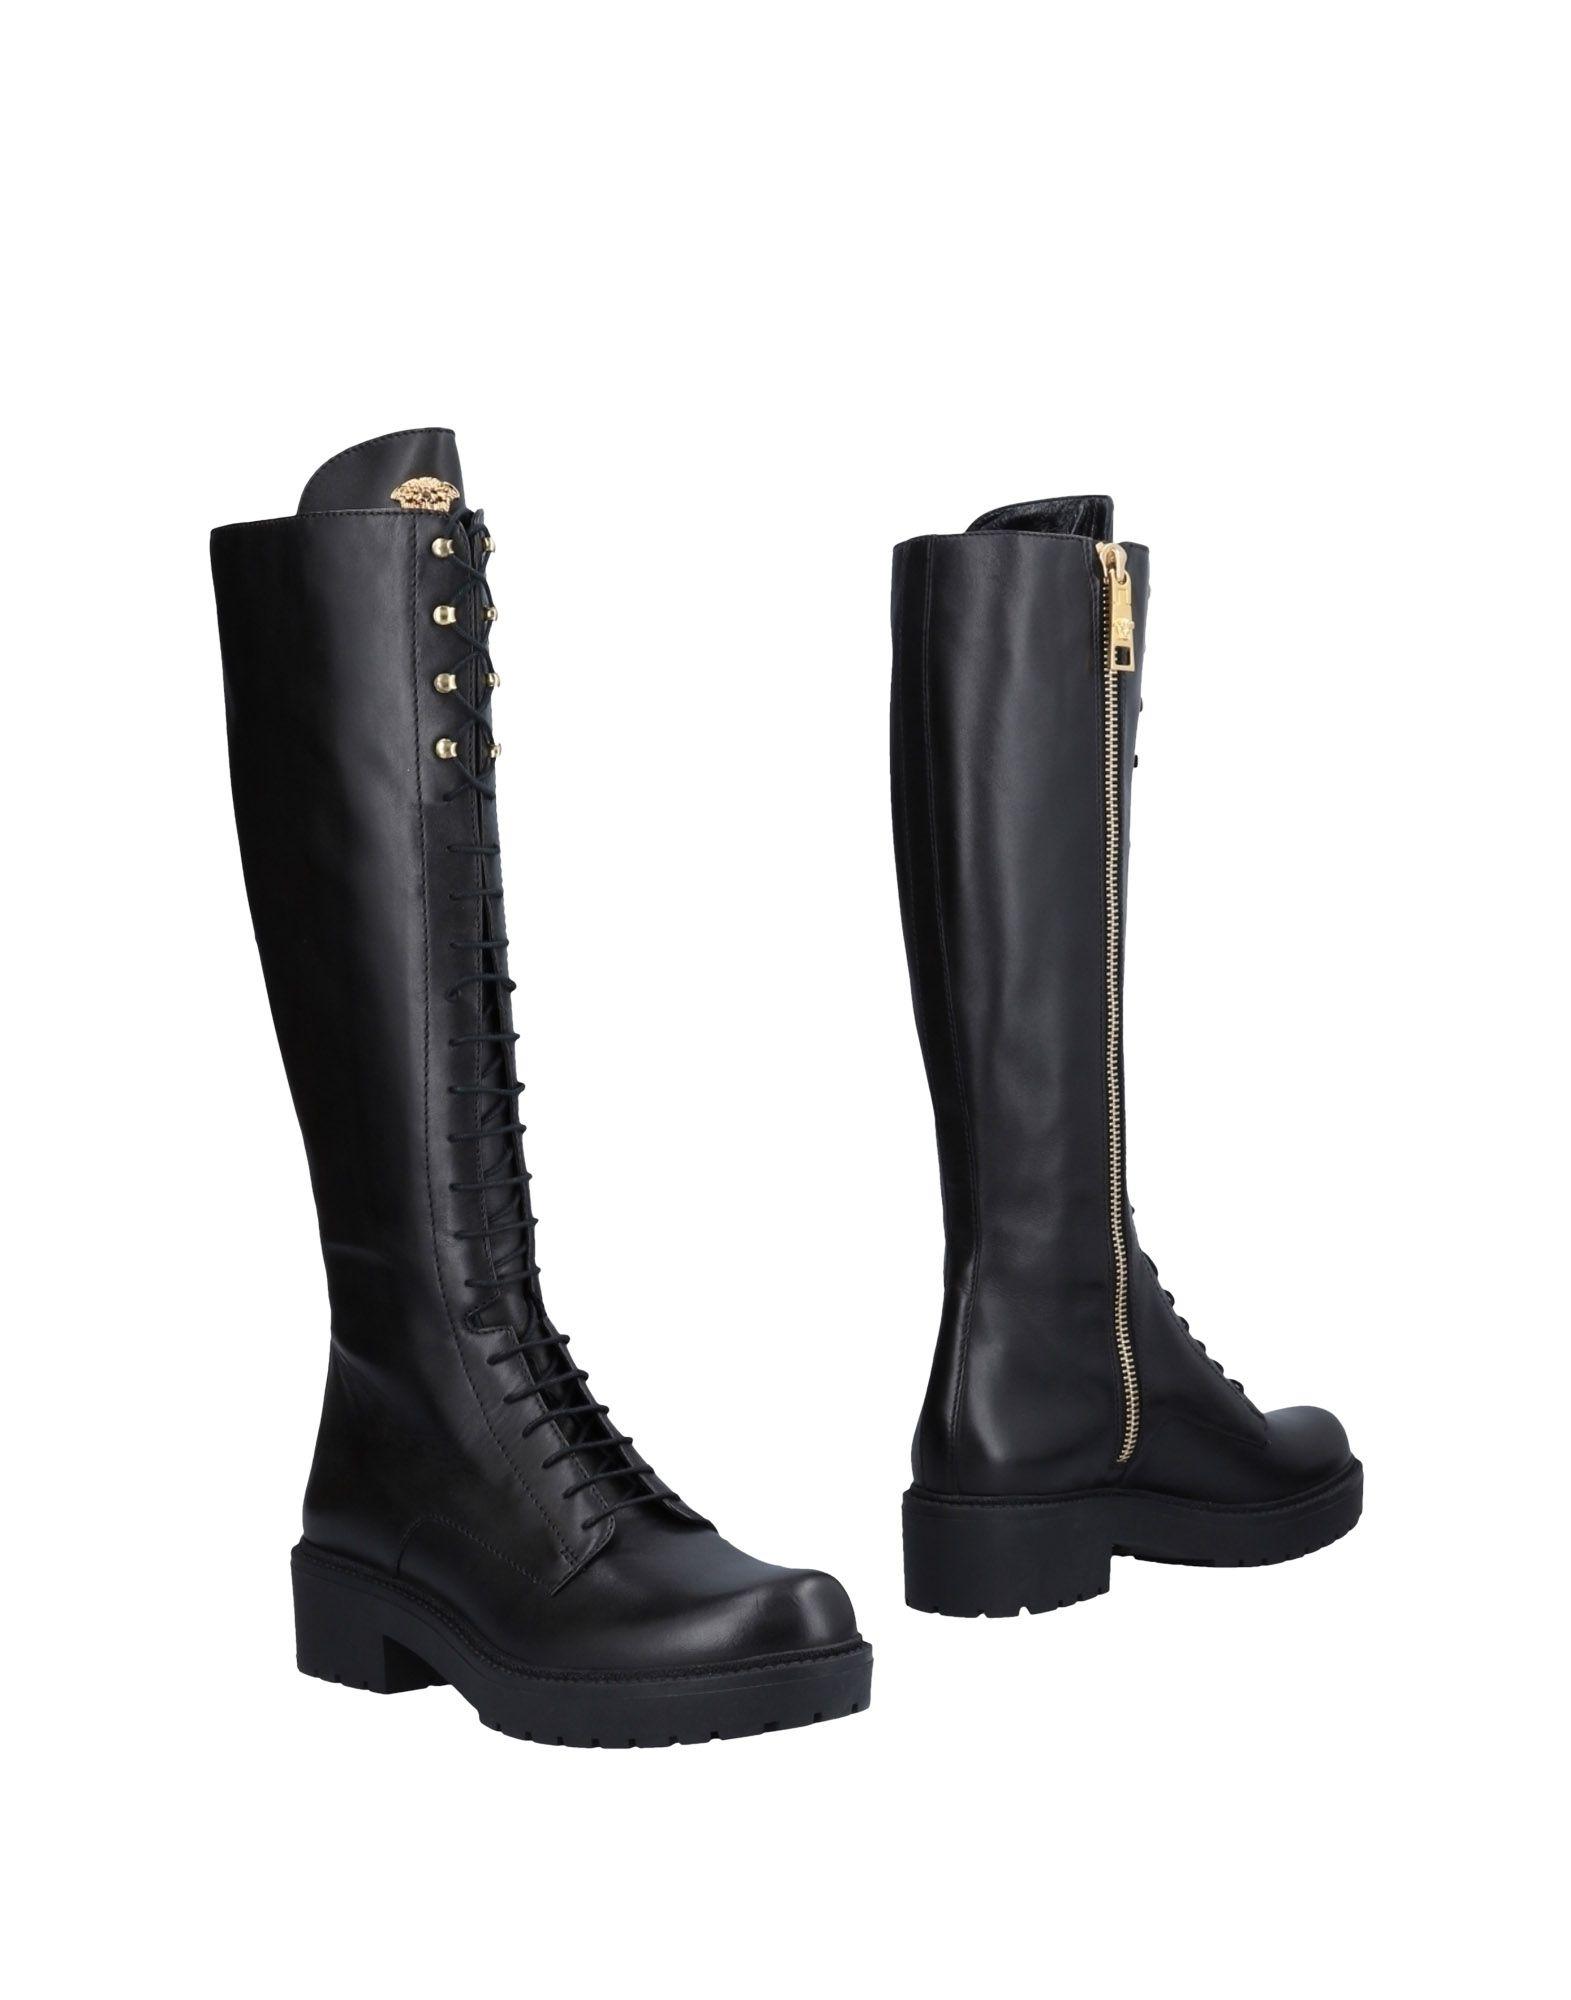 Stivali Versace Donna - 11488899JT Scarpe economiche e buone